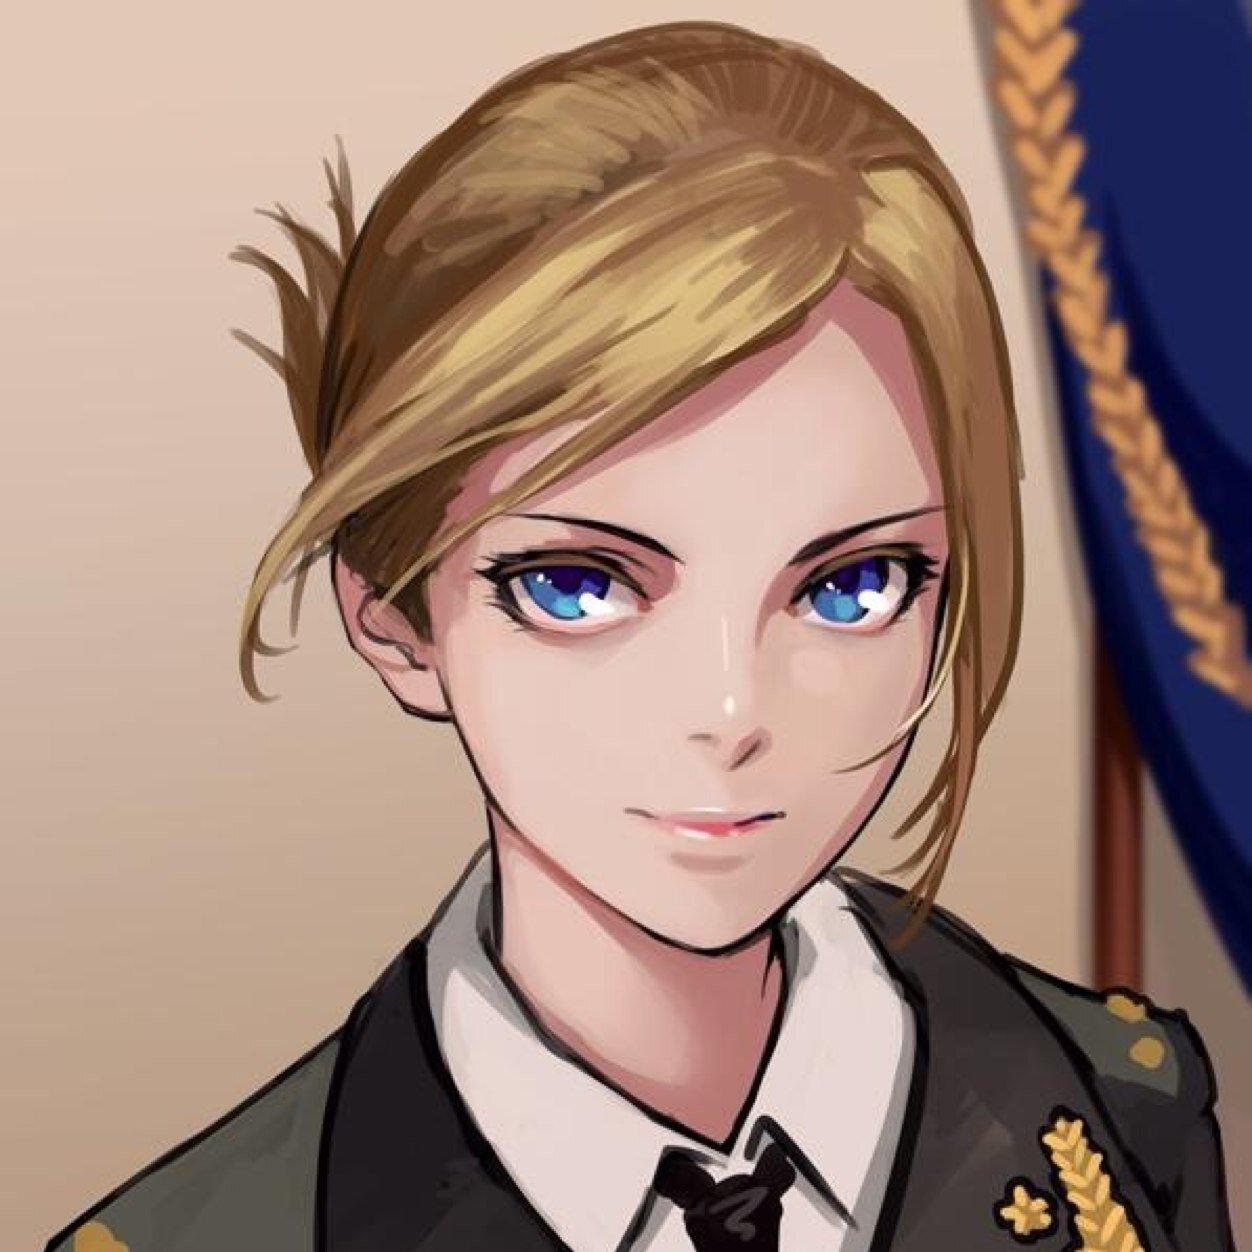 Прокурор няша аниме порно 1 фотография